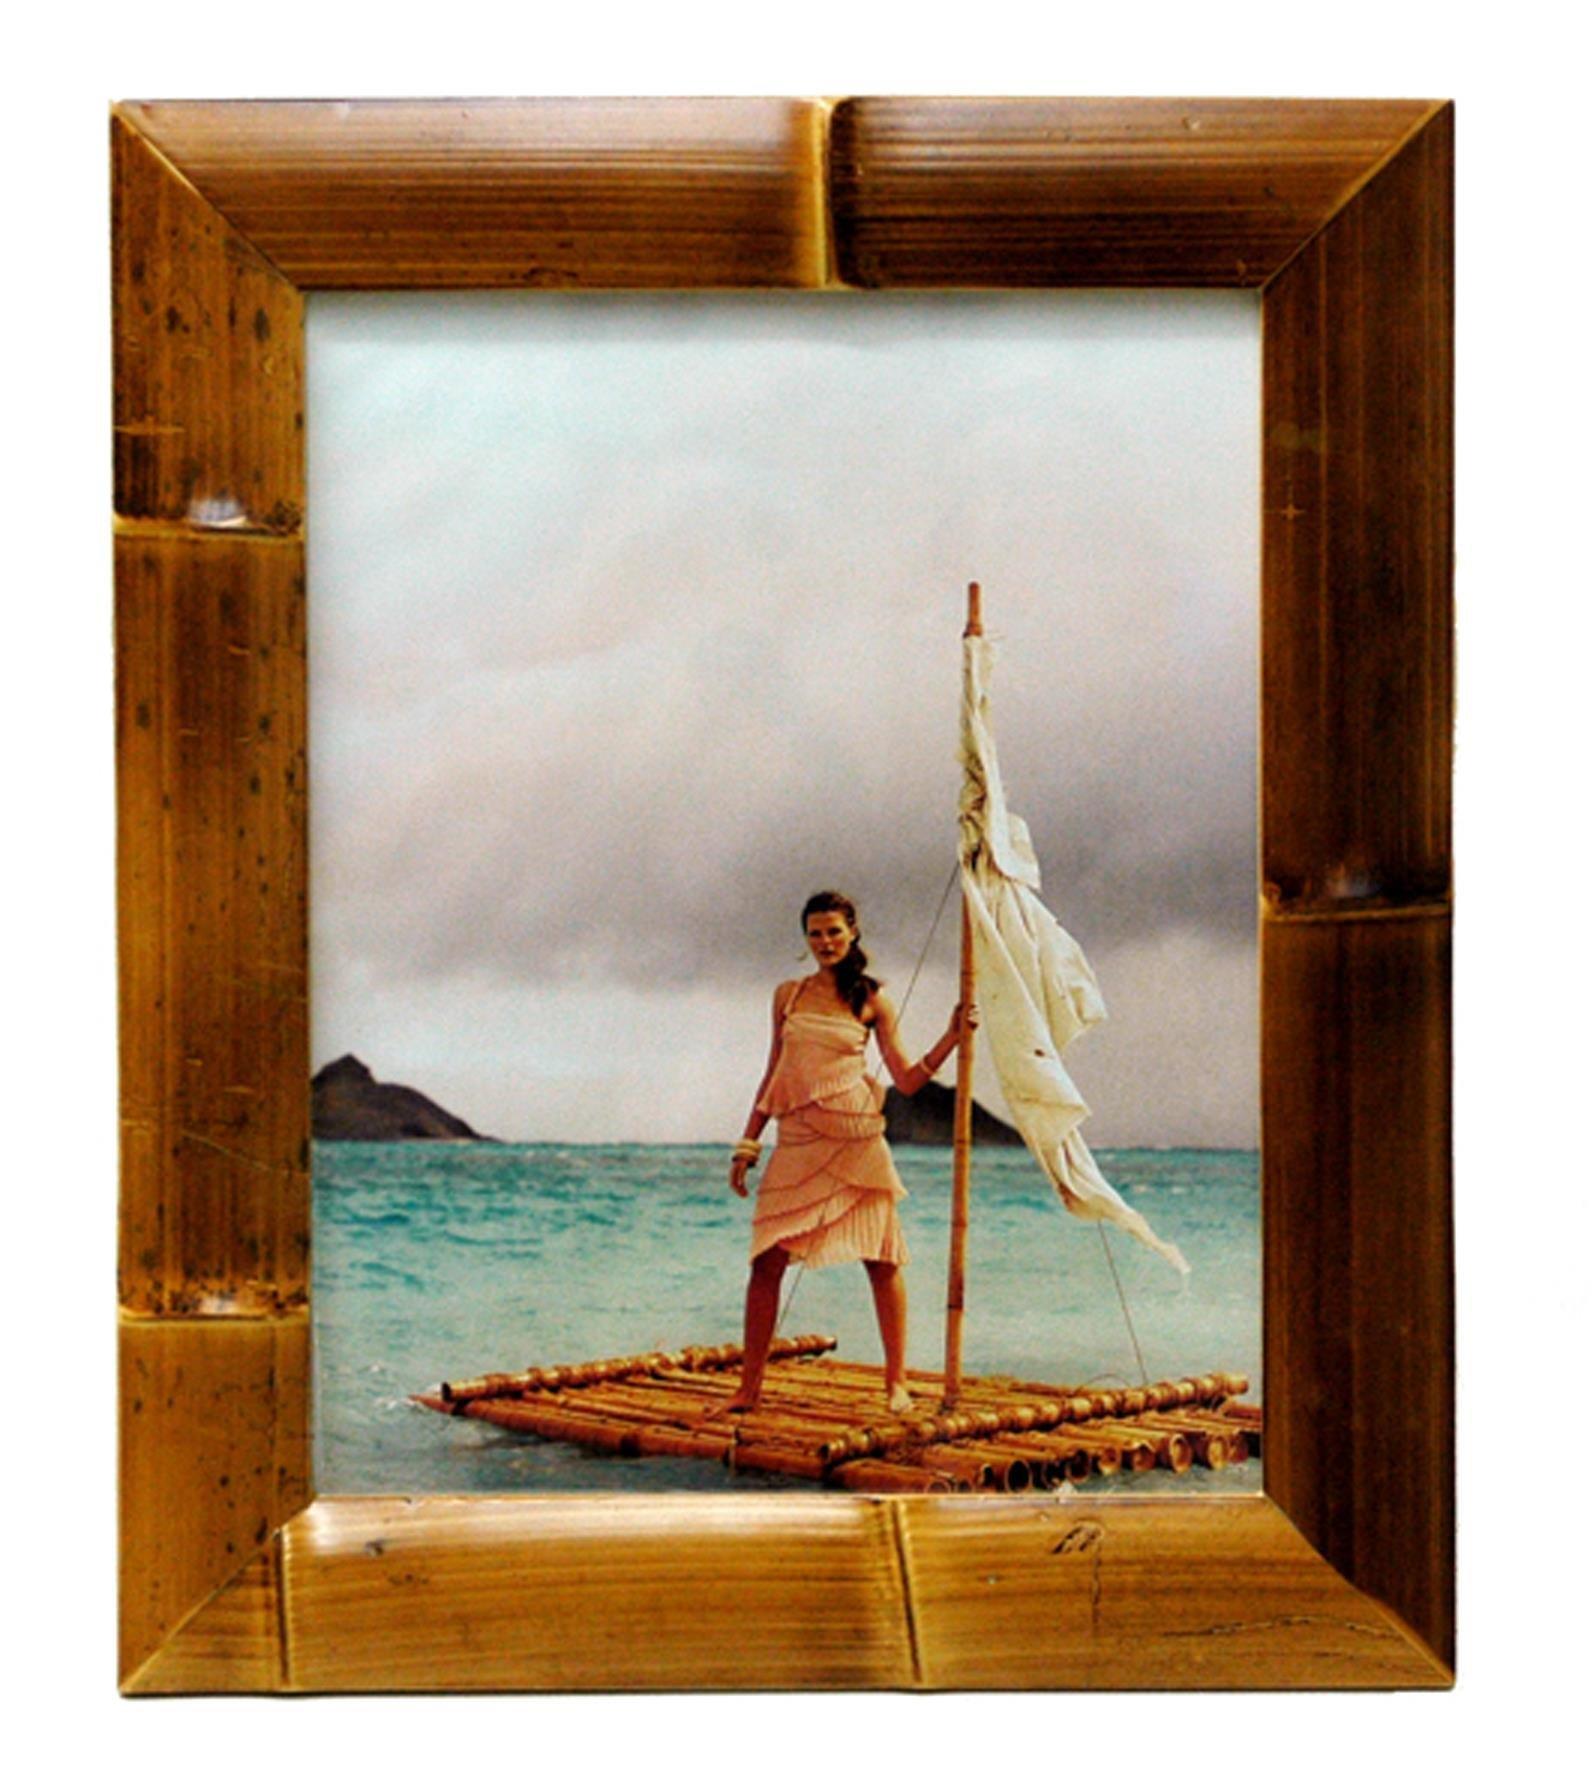 Bamboo Frame Waikiki 17.5'' Lx14.5 Wx1 H